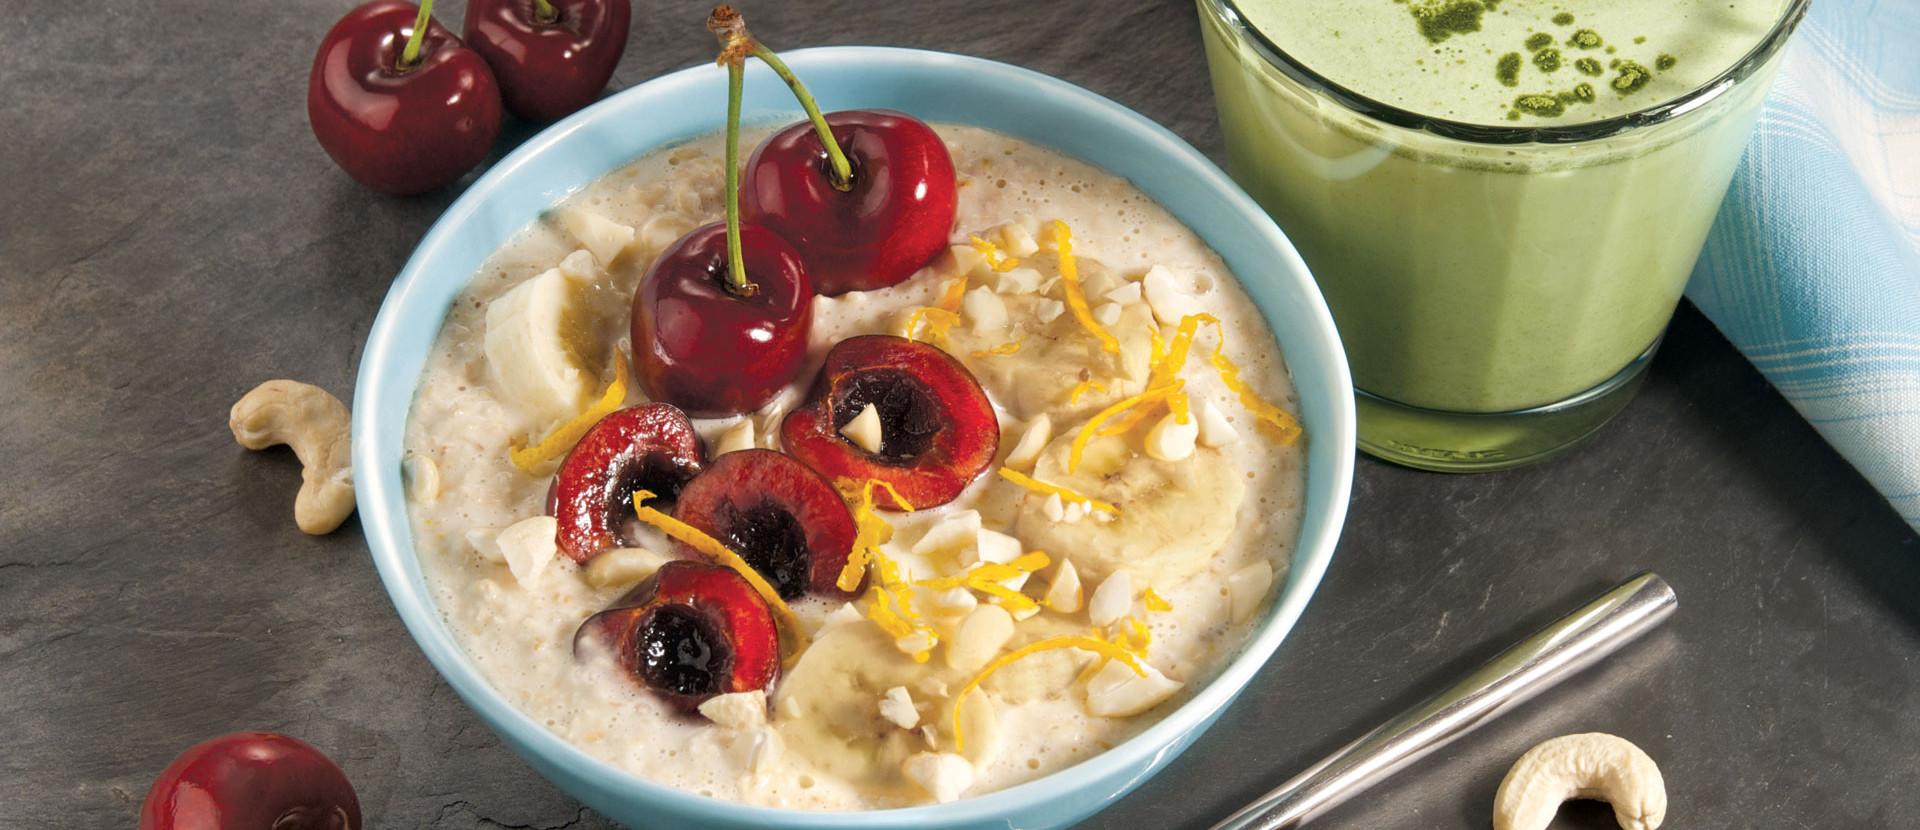 Kirsch Overnight oats